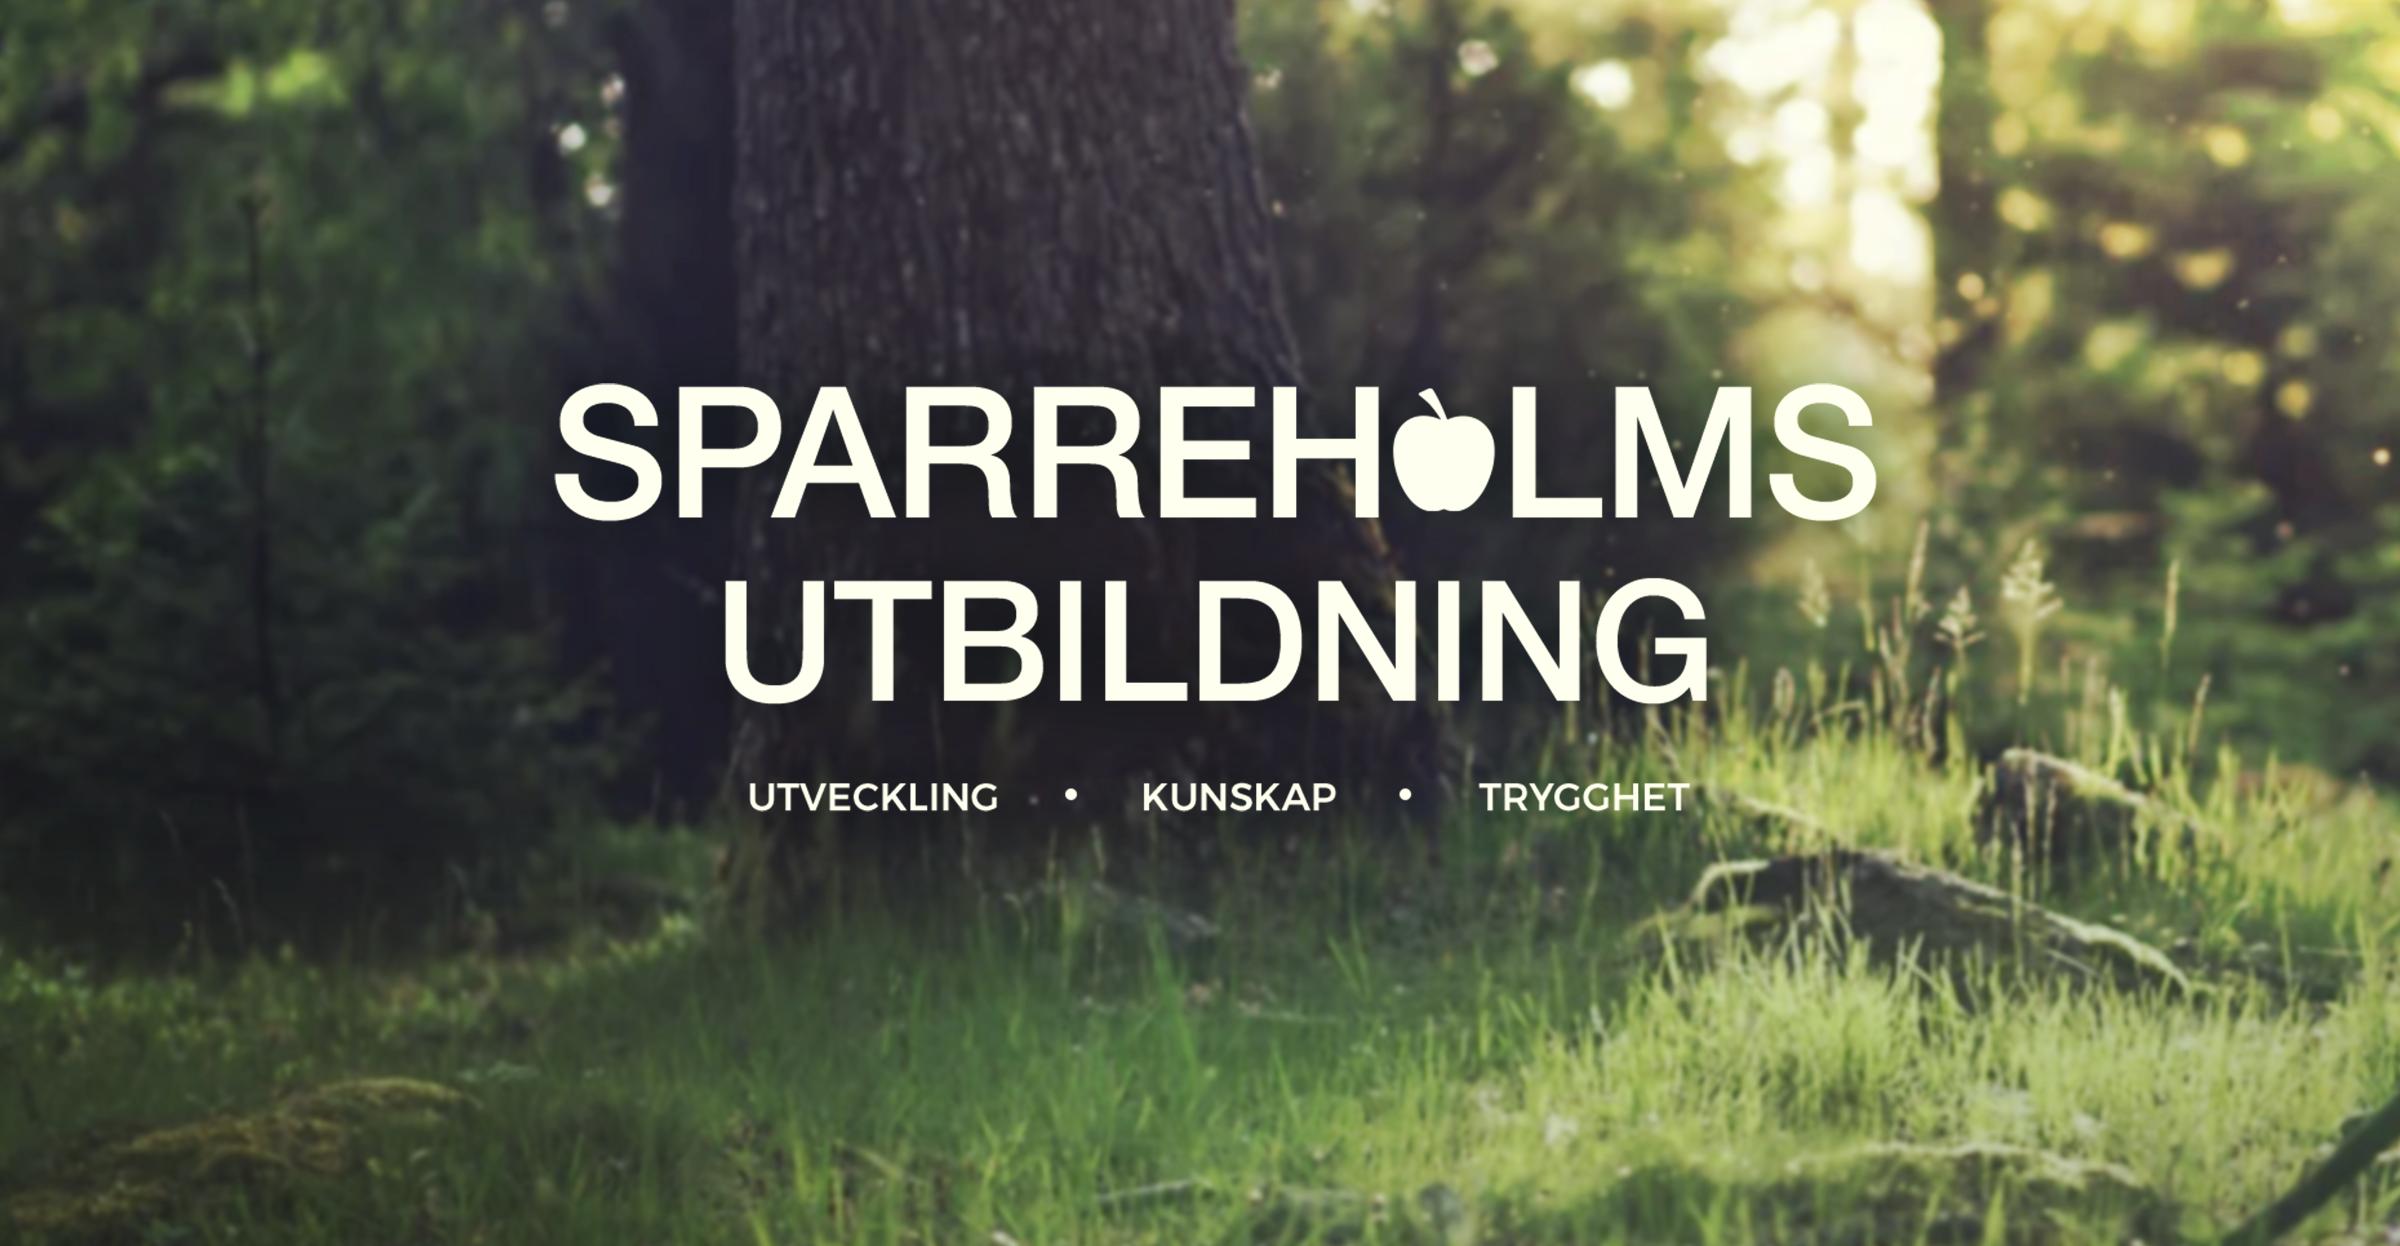 facebook-header-sparreholms-utbildning